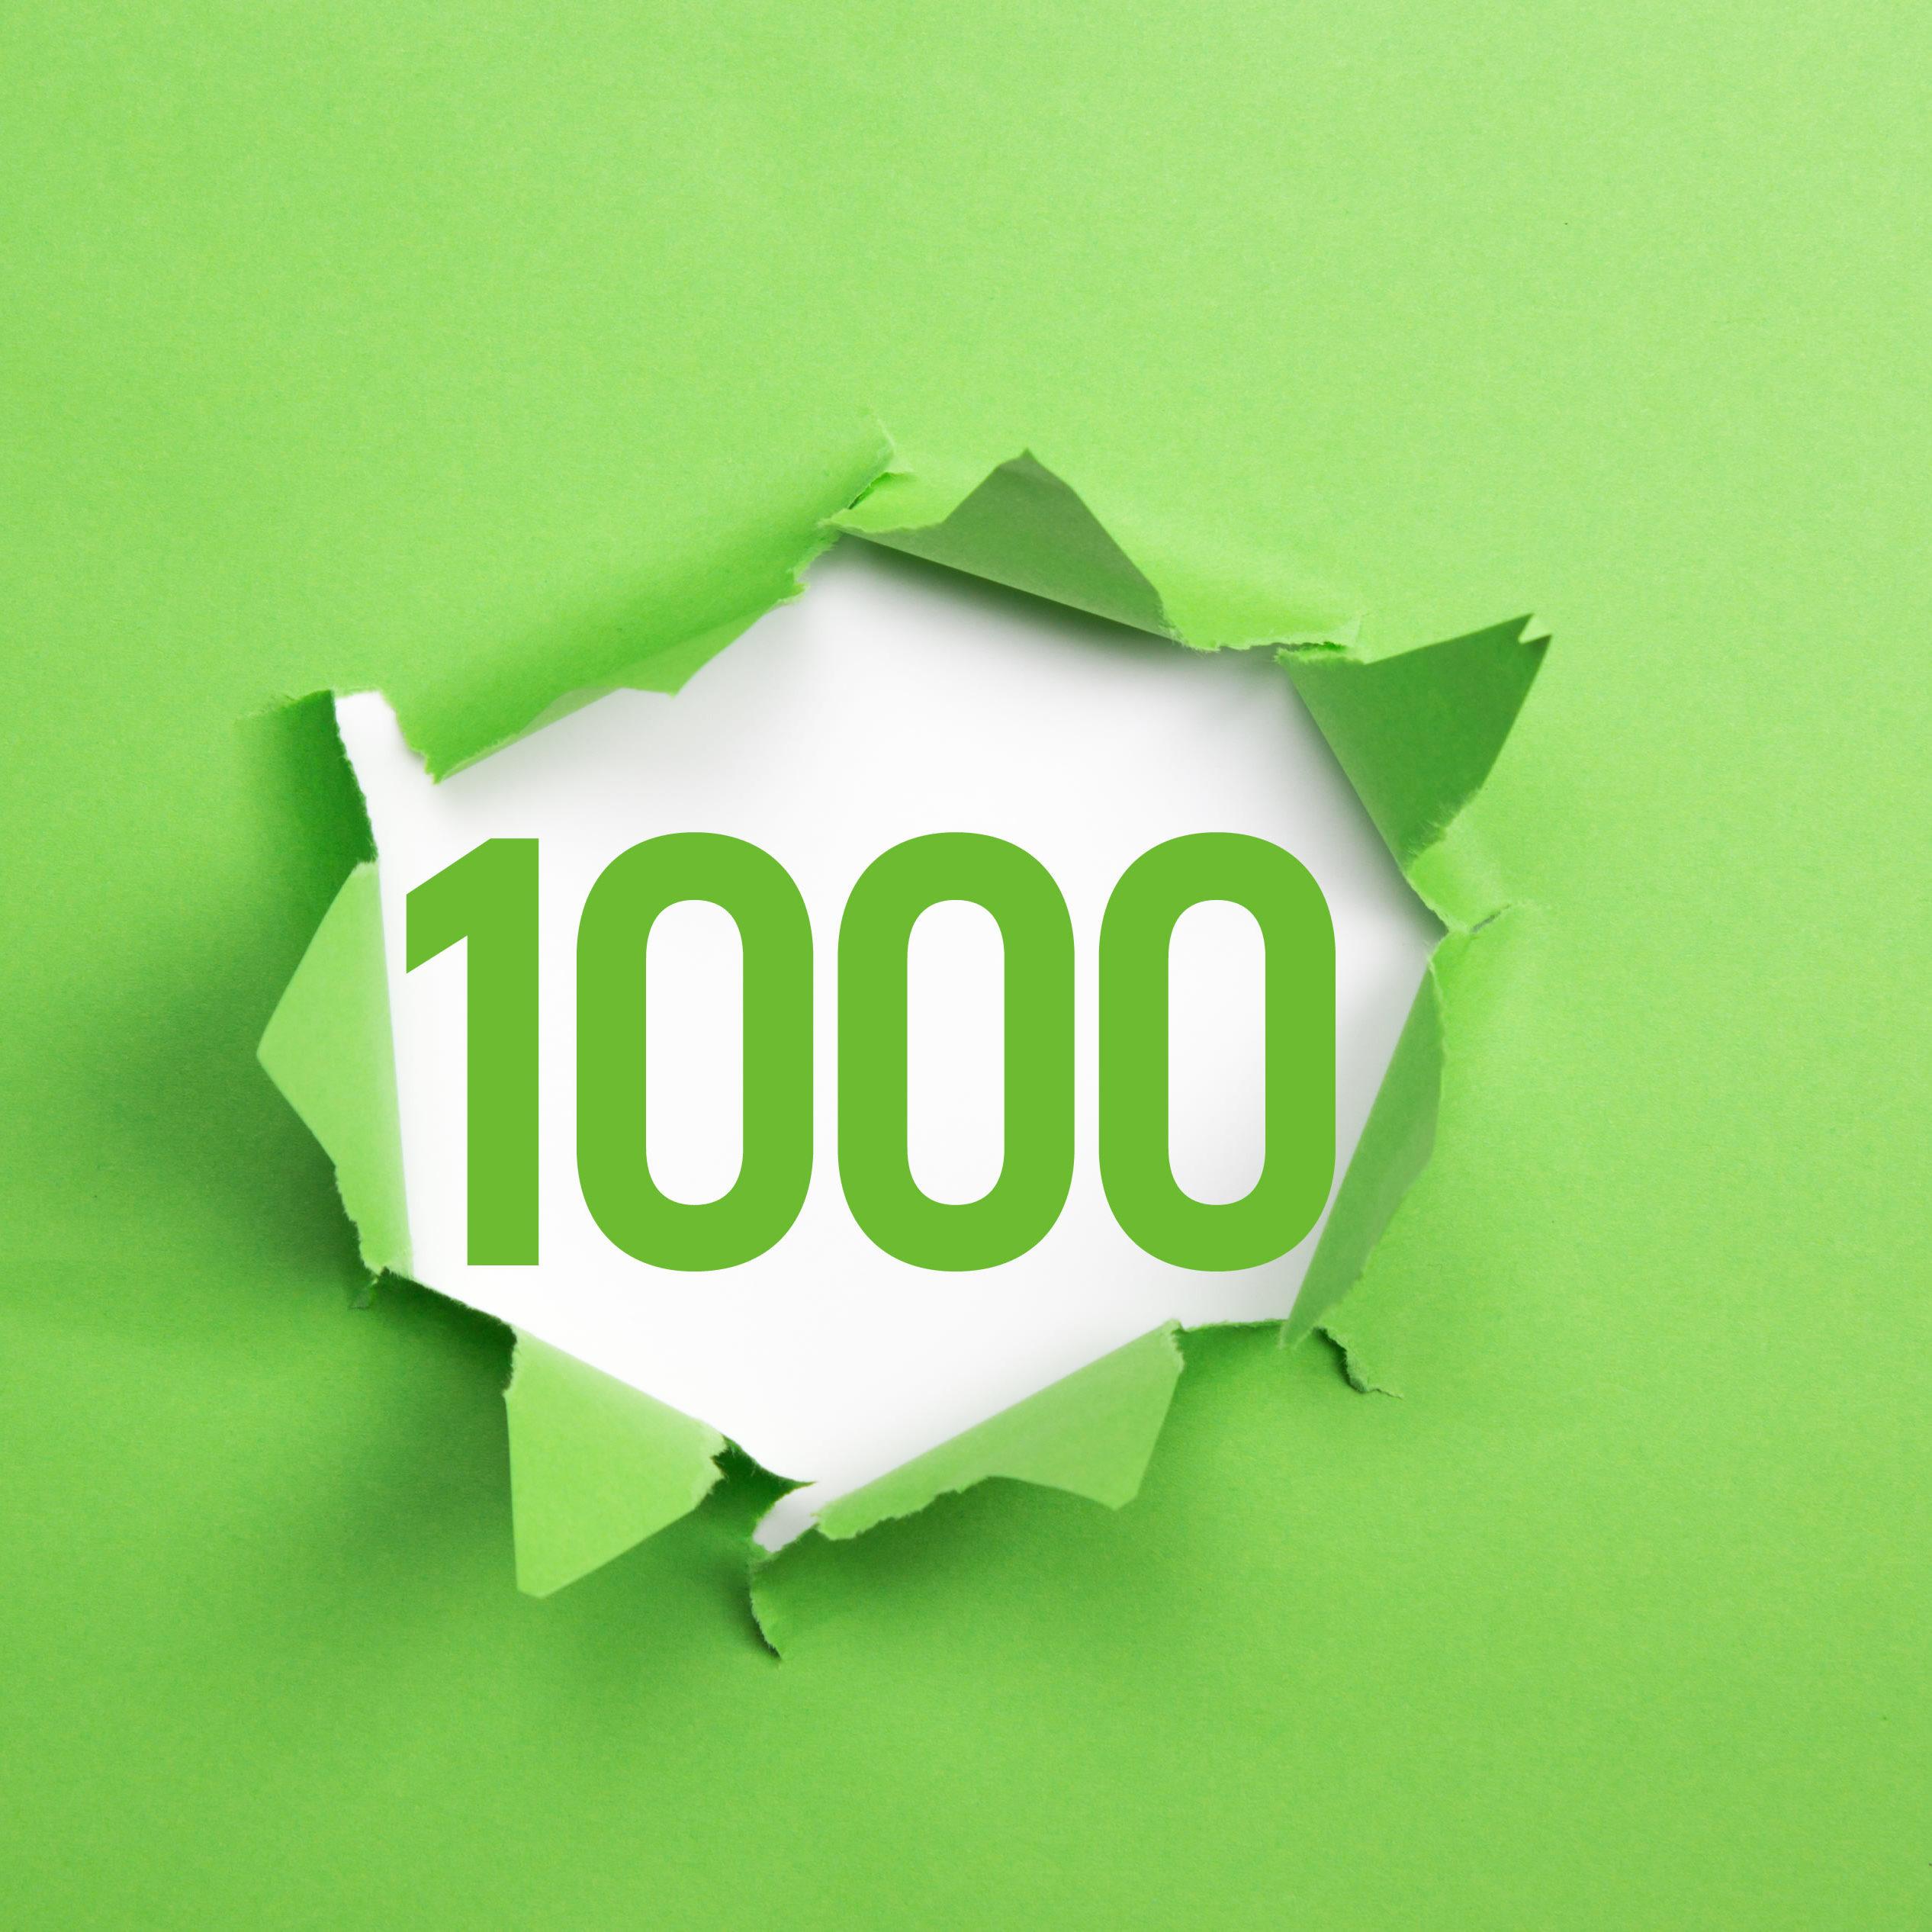 grüne Nummer 1000 auf grünem Papier